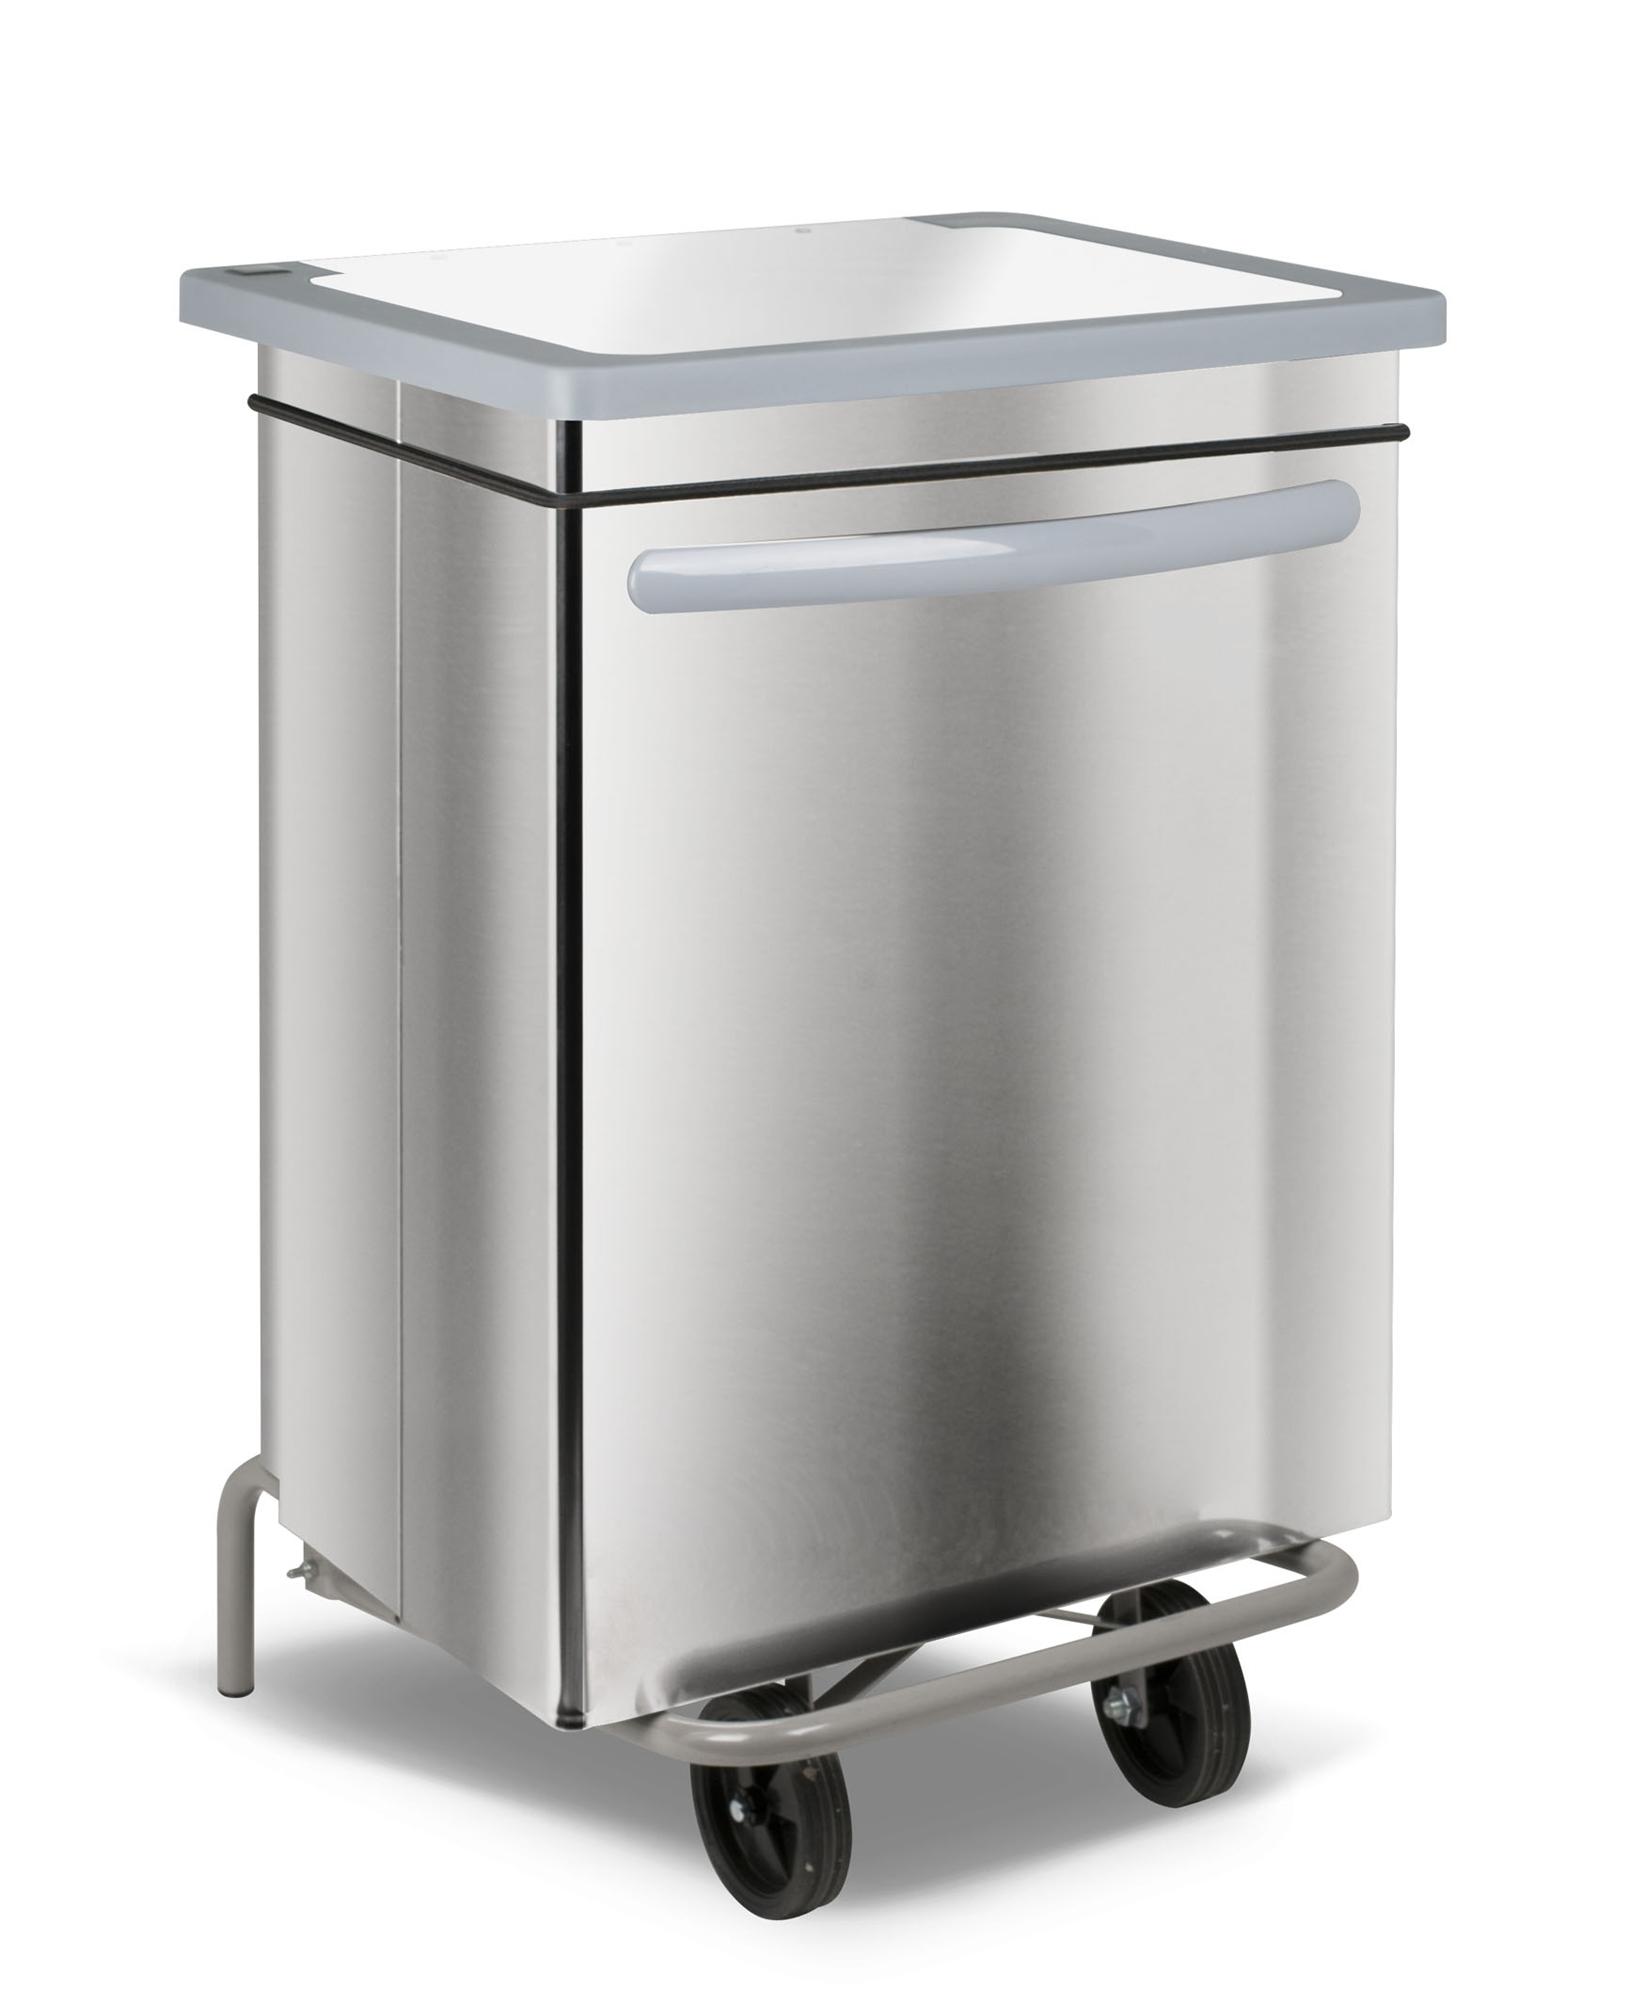 Poubelle cuisine inox haccp car n e 70 litres - Poubelle de cuisine rectangulaire ...